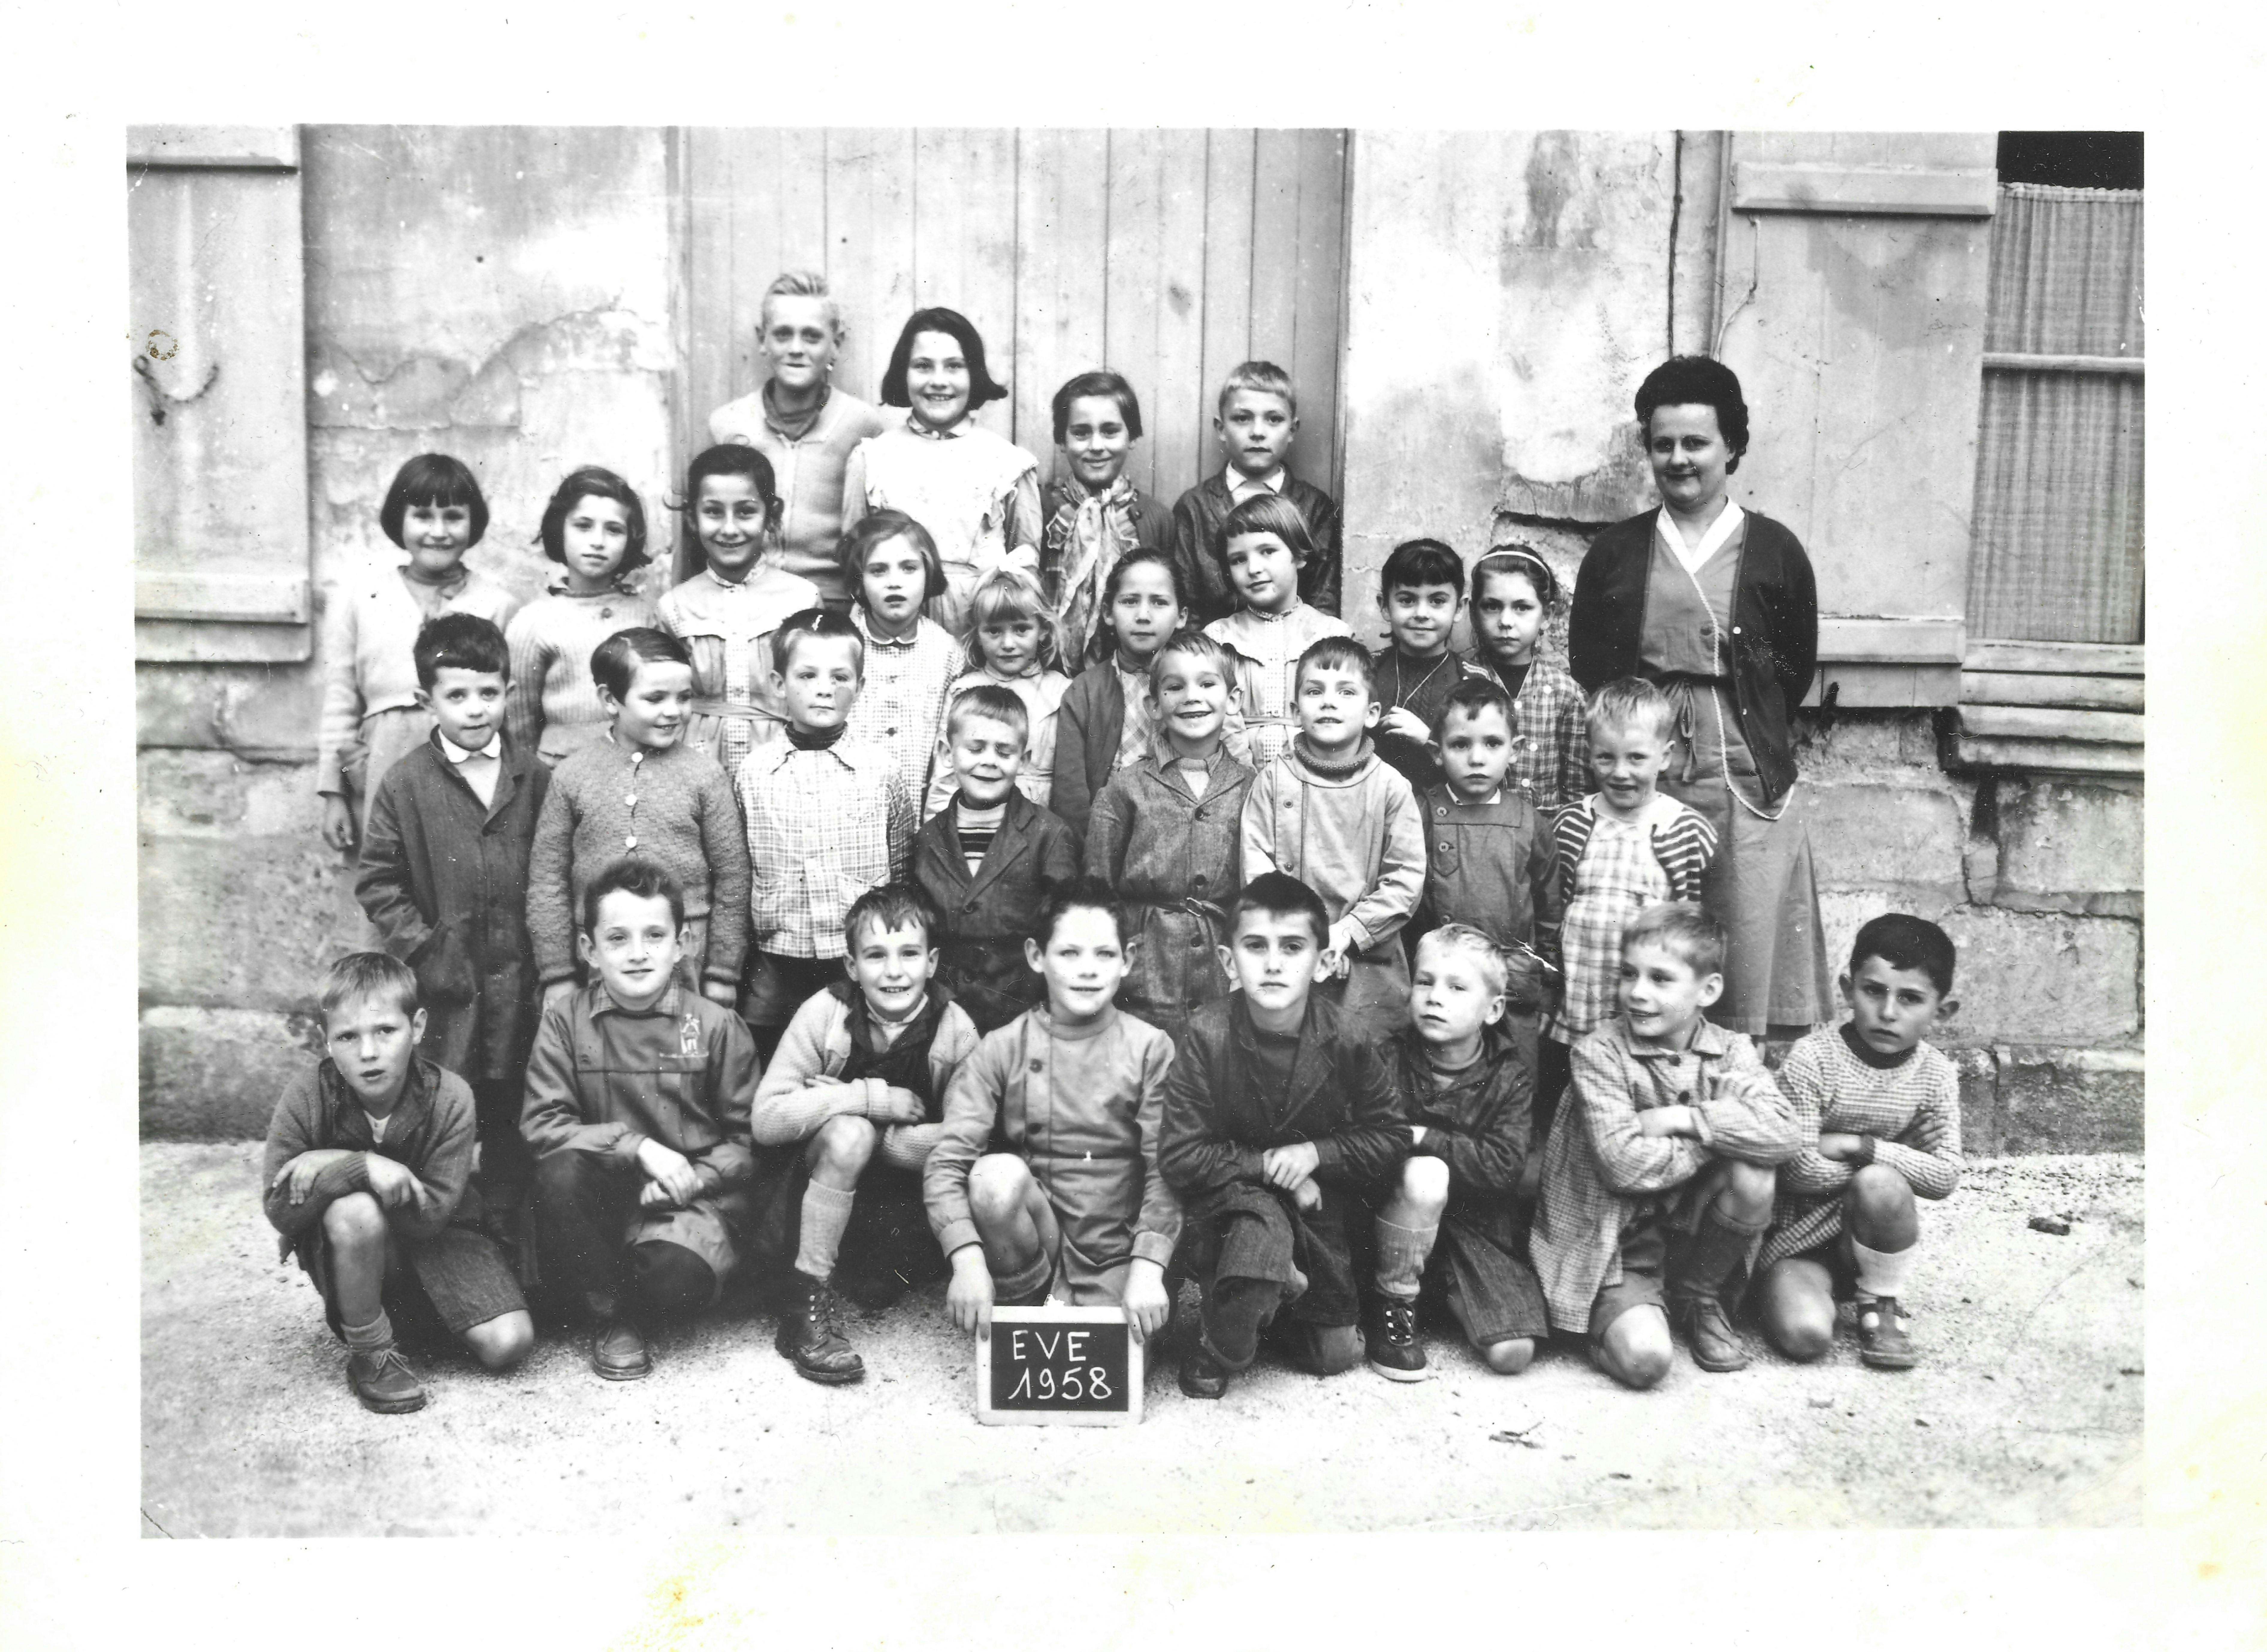 Classe ecole Eve 1958.jpg